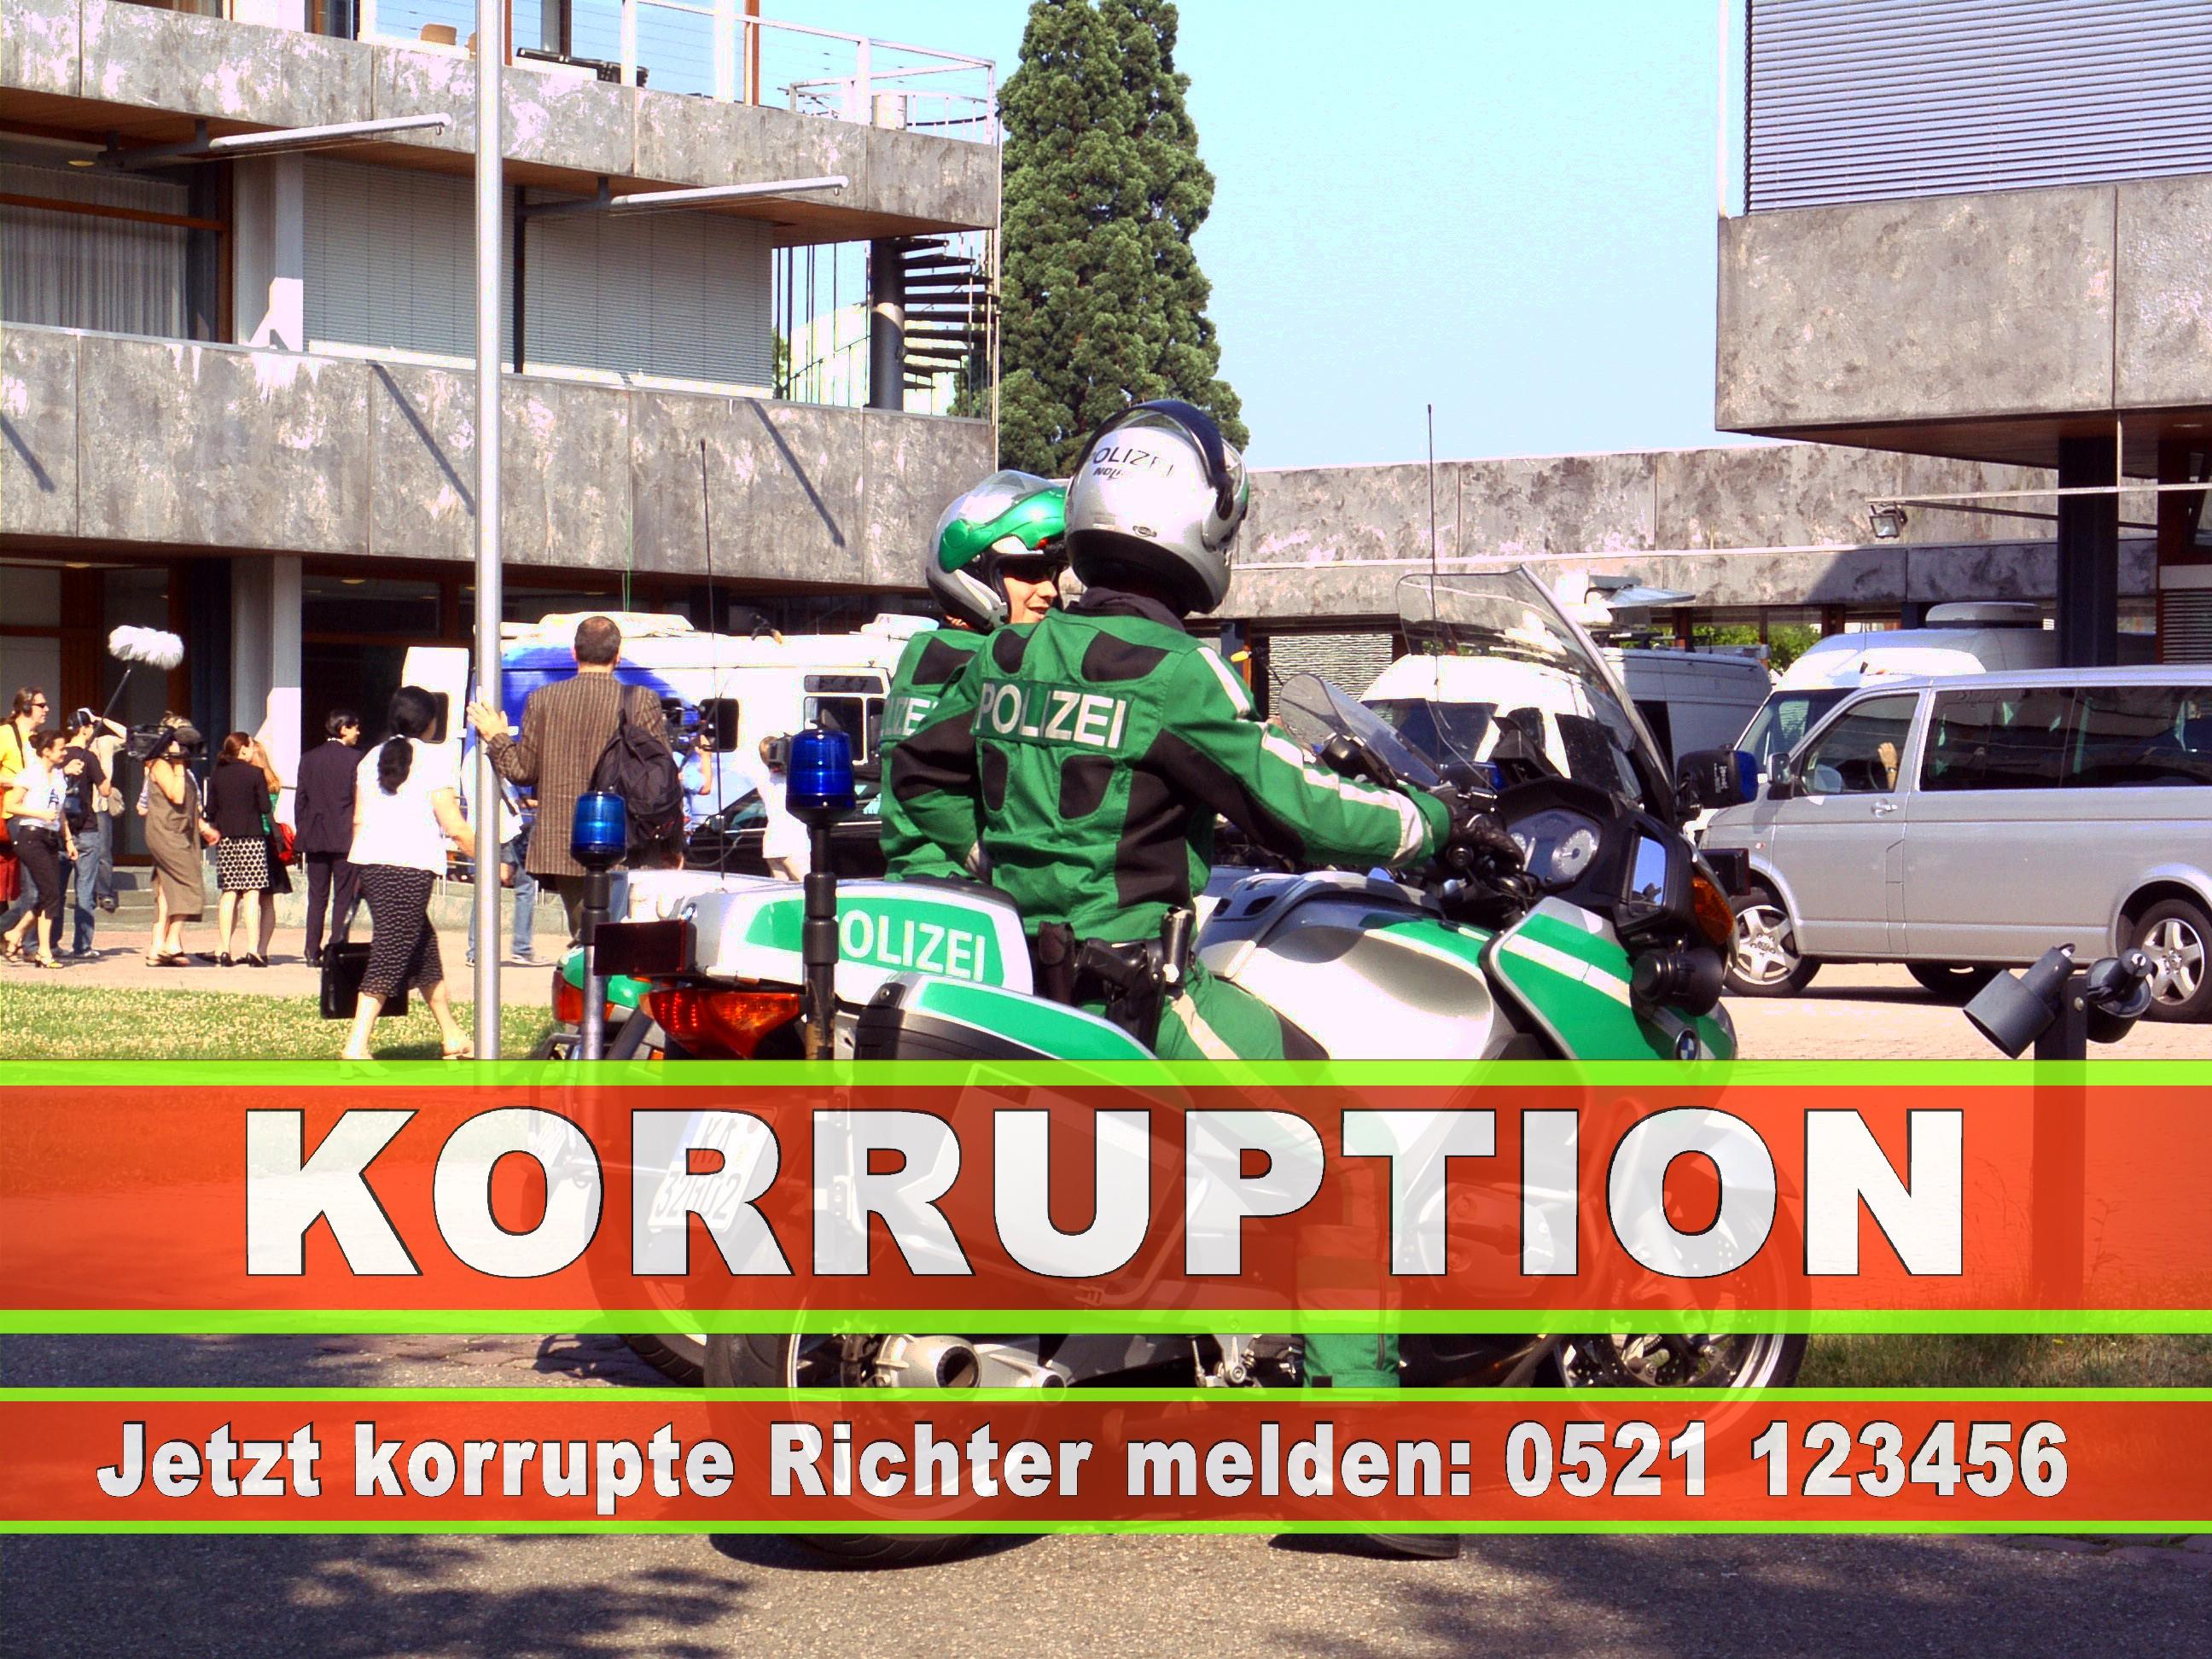 Bundesverfassungsgericht Karlsruhe Richter Korruption Aufgaben Urteile Termine Anfahrt Bilder Fotos Adresse Telefon (6)